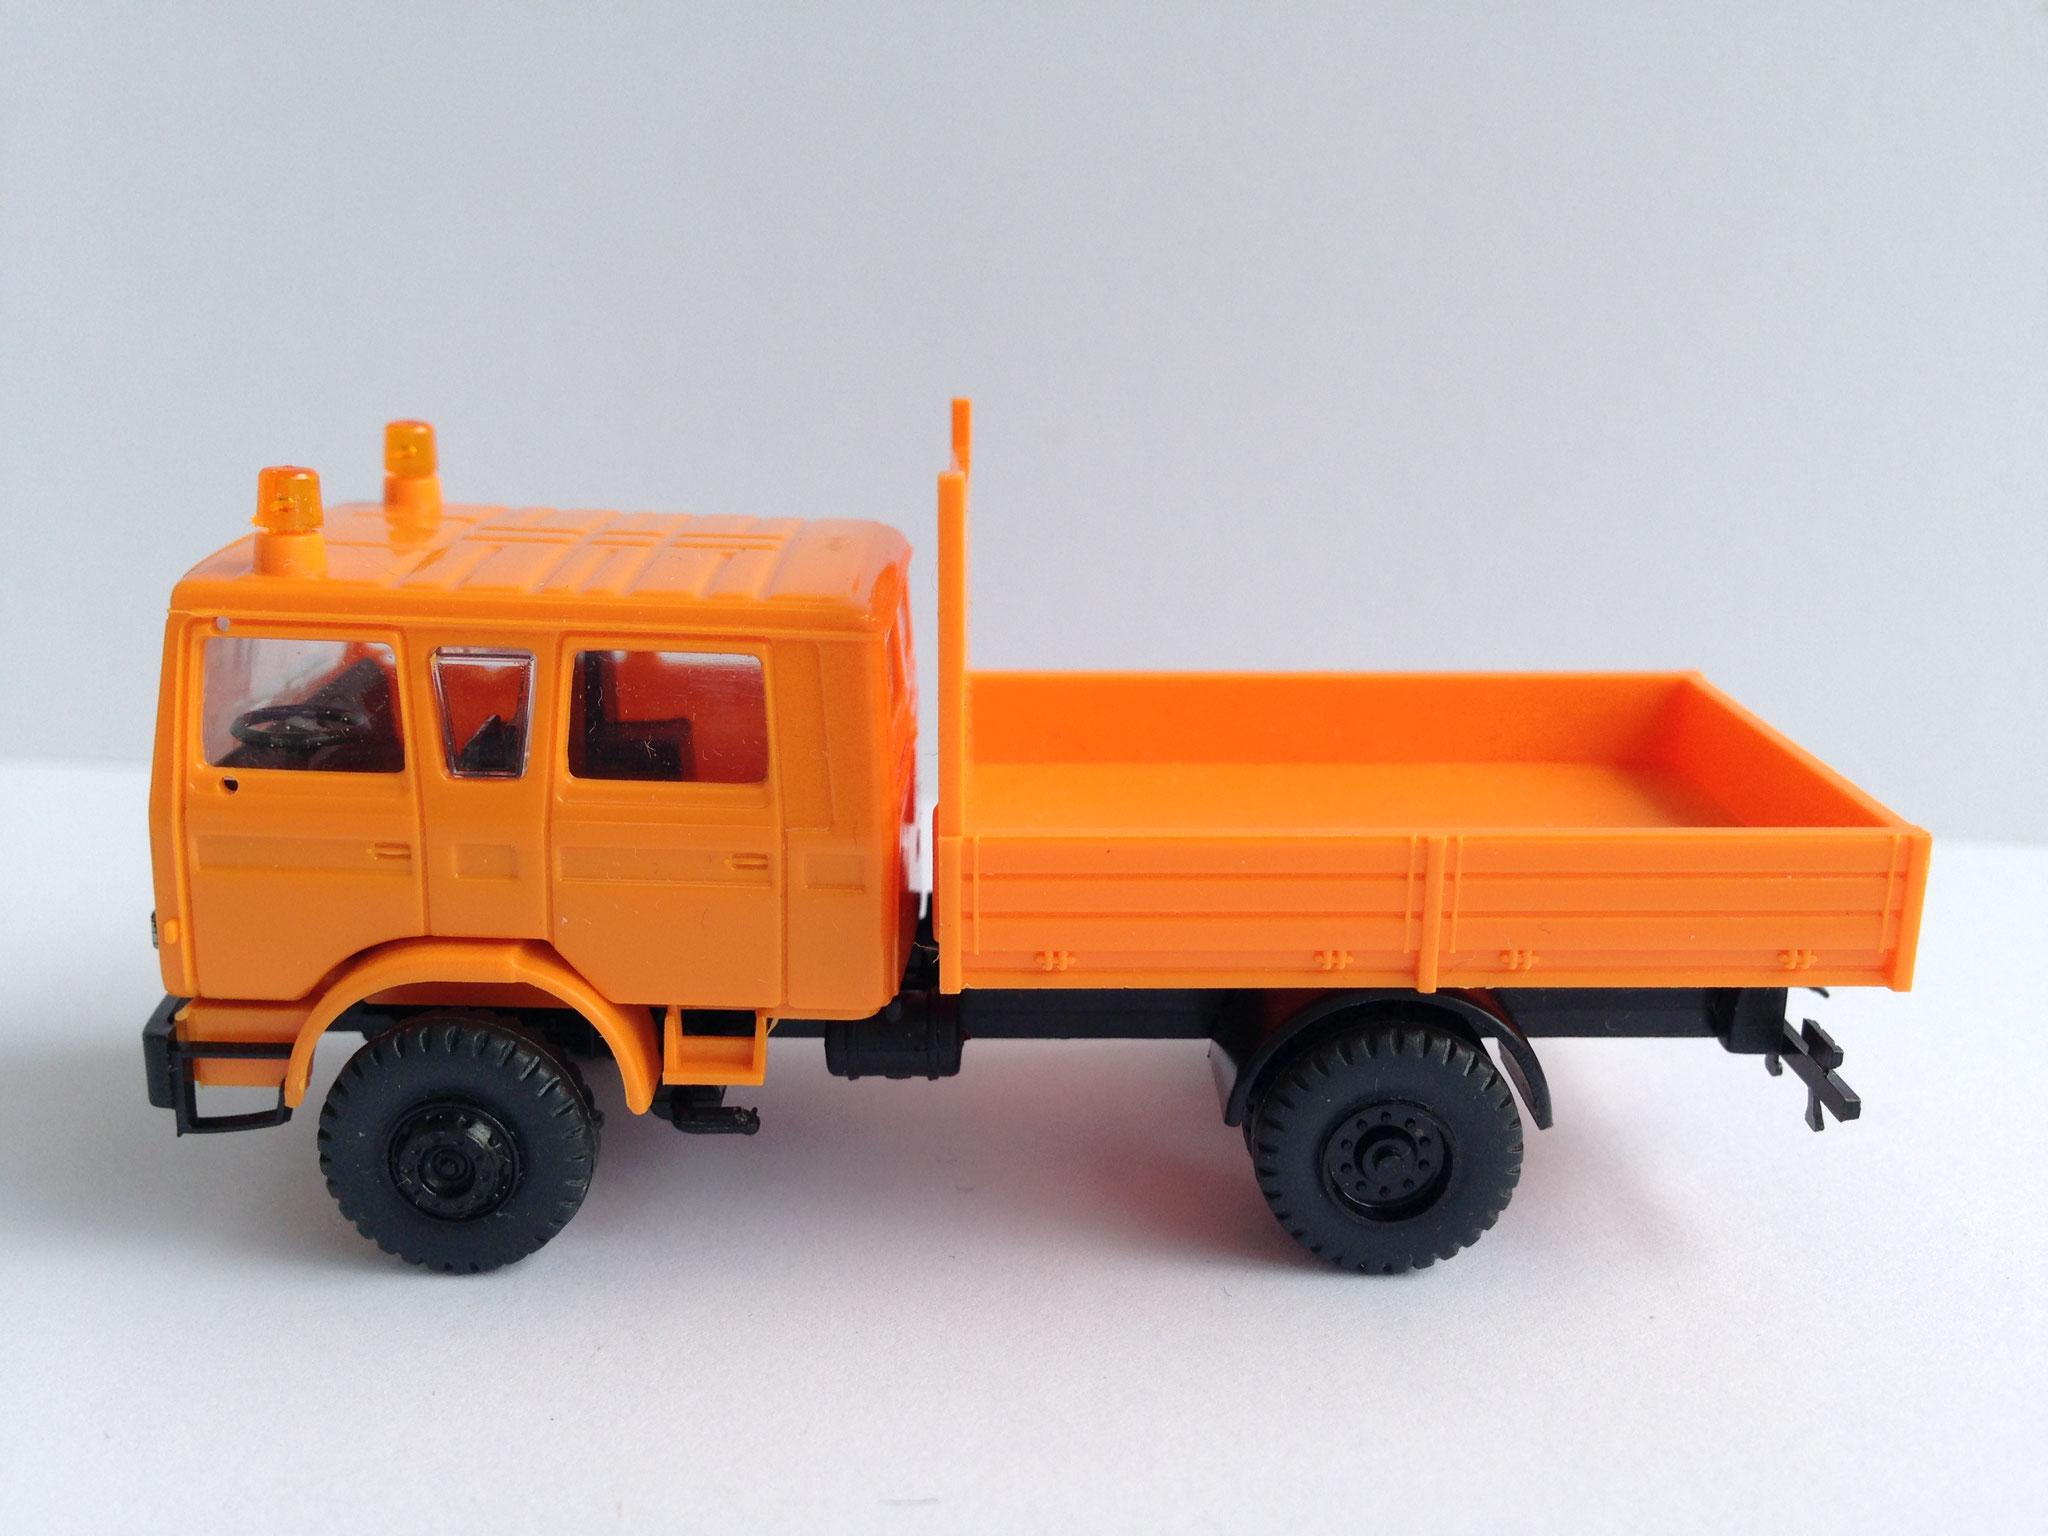 Kommunalfahrzeug, Doppelkabine mit Kurzpritsche, Art. Nr. 481 (ab 1988 im Programm)